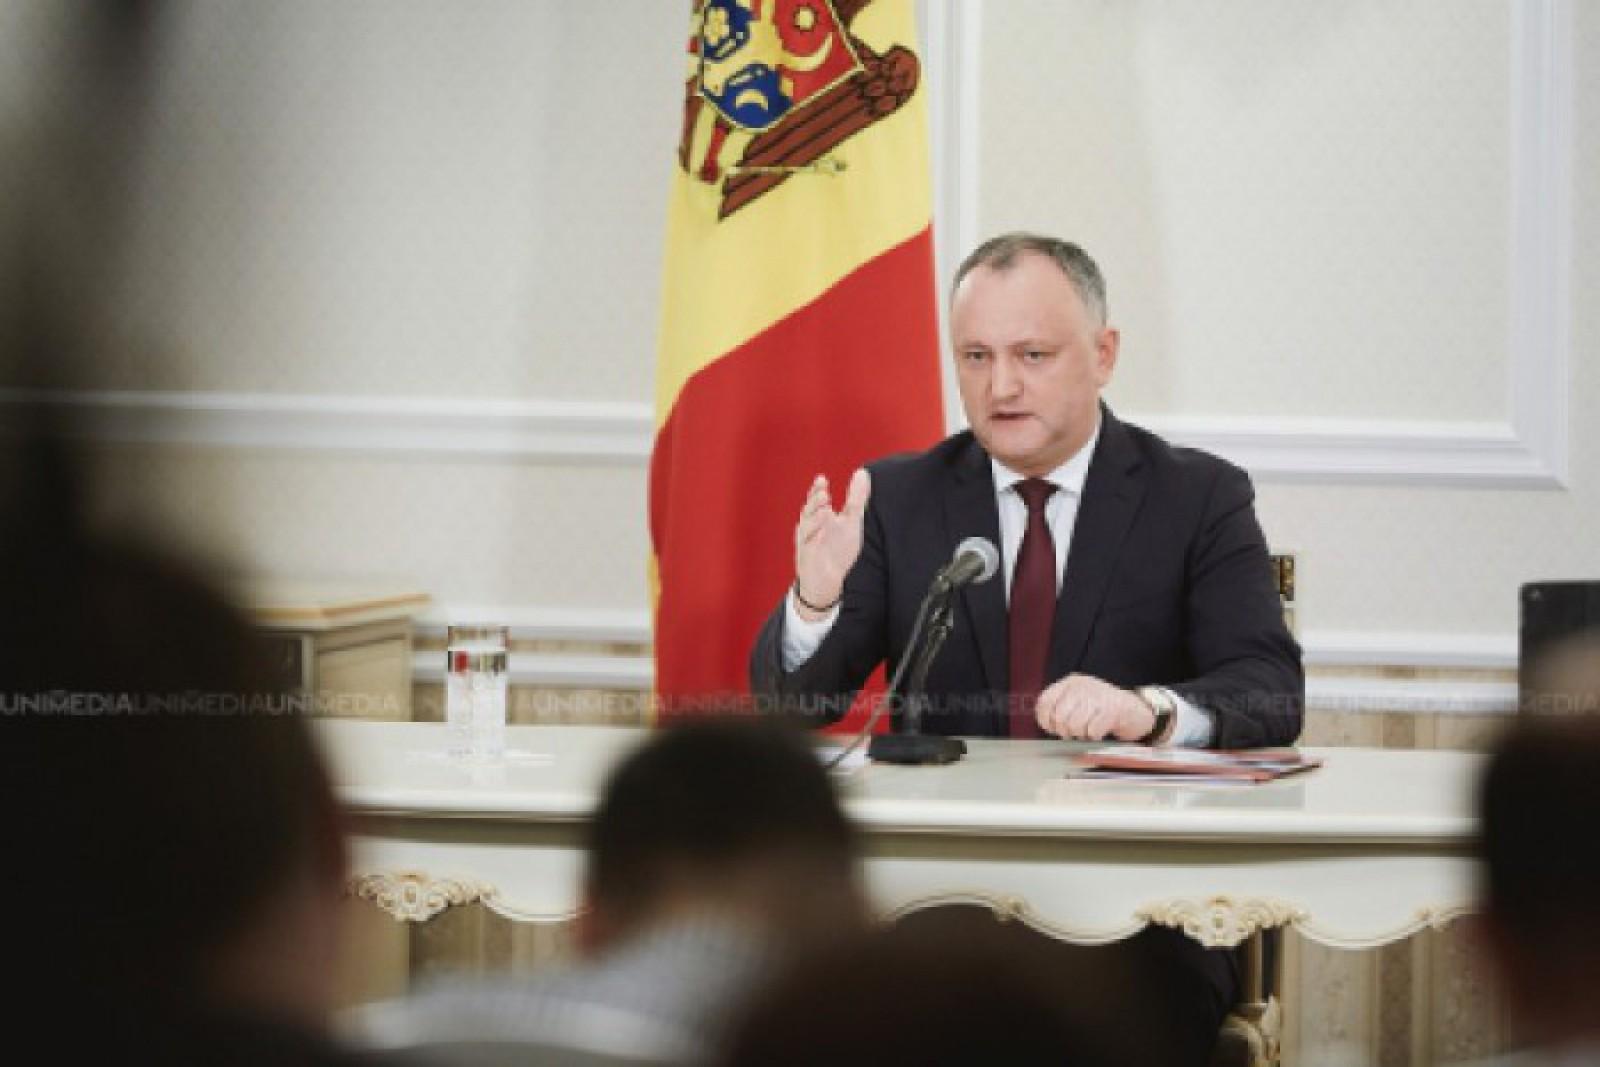 Ultima oră! CC a decis: Igor Dodon va fi din nou suspendat temporar din funcție